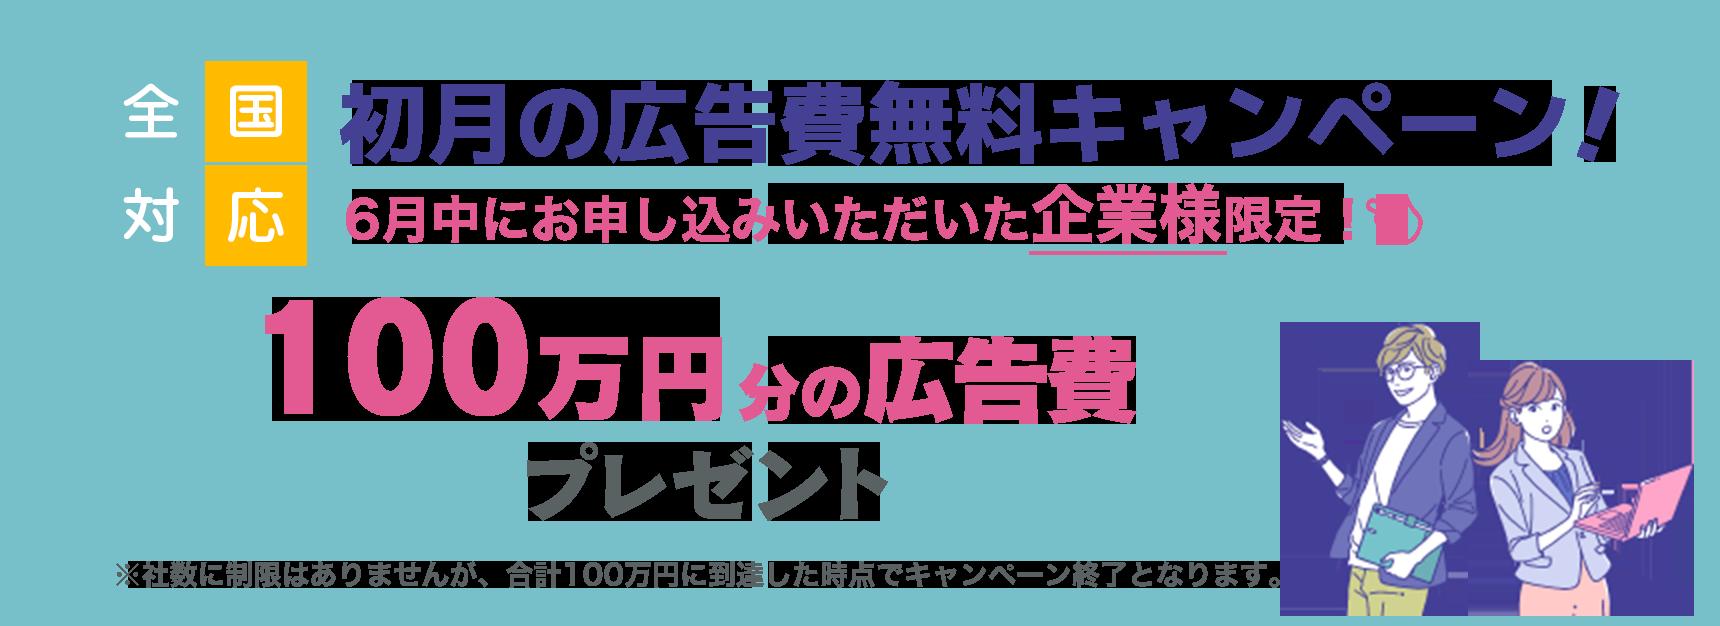 6月中にご契約いただいた方限定!100万円プレセントキャンペーン